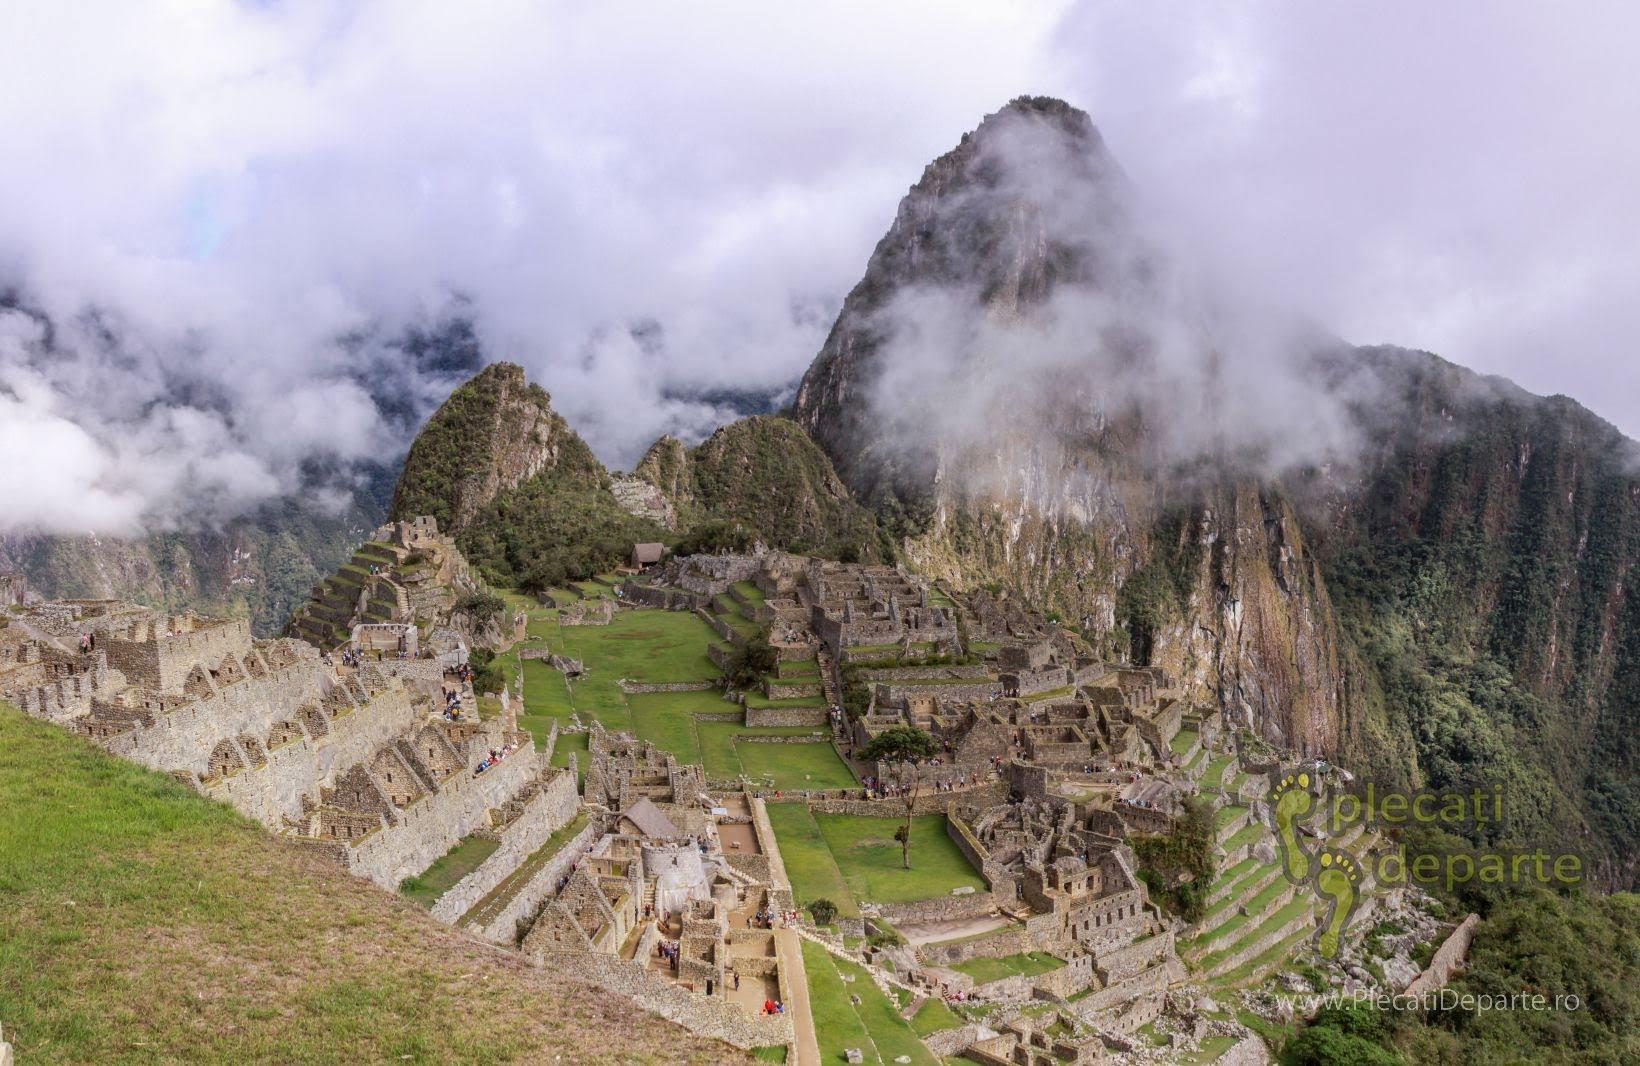 Asezarea incasa Machu Picchu, vazuta odata ce ai trecut de poarta de intrare